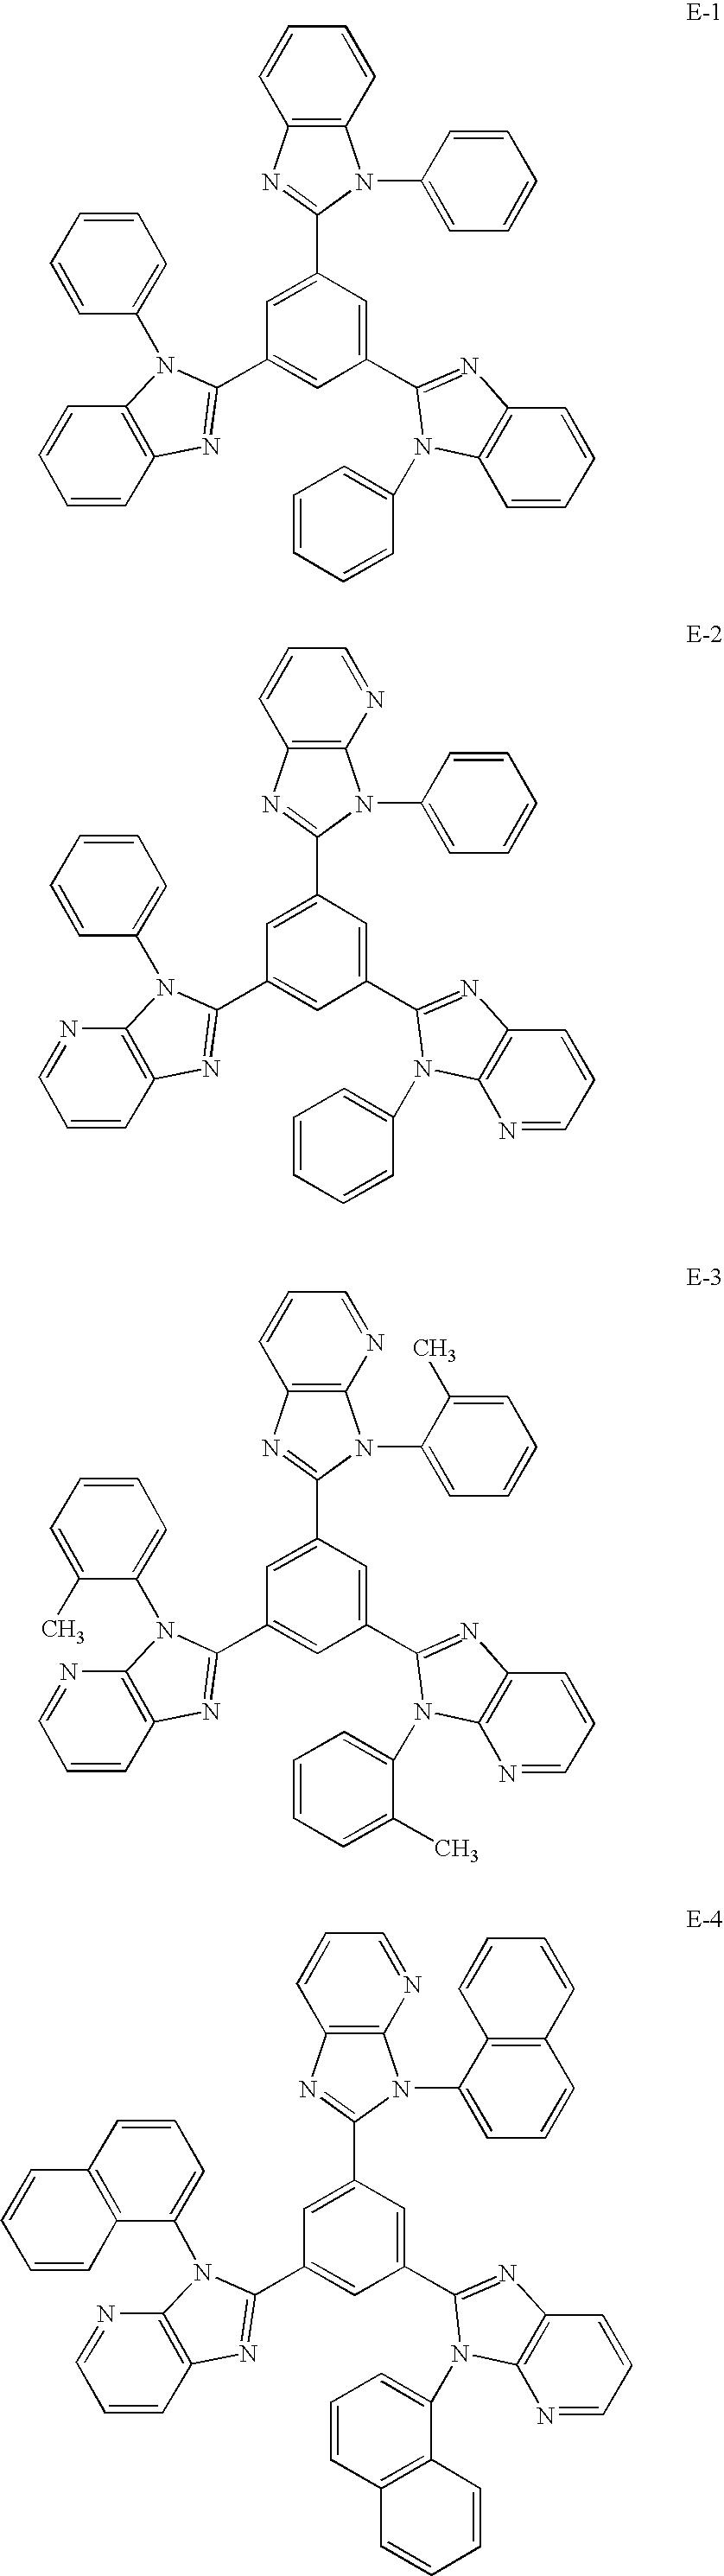 Figure US20060194076A1-20060831-C00009